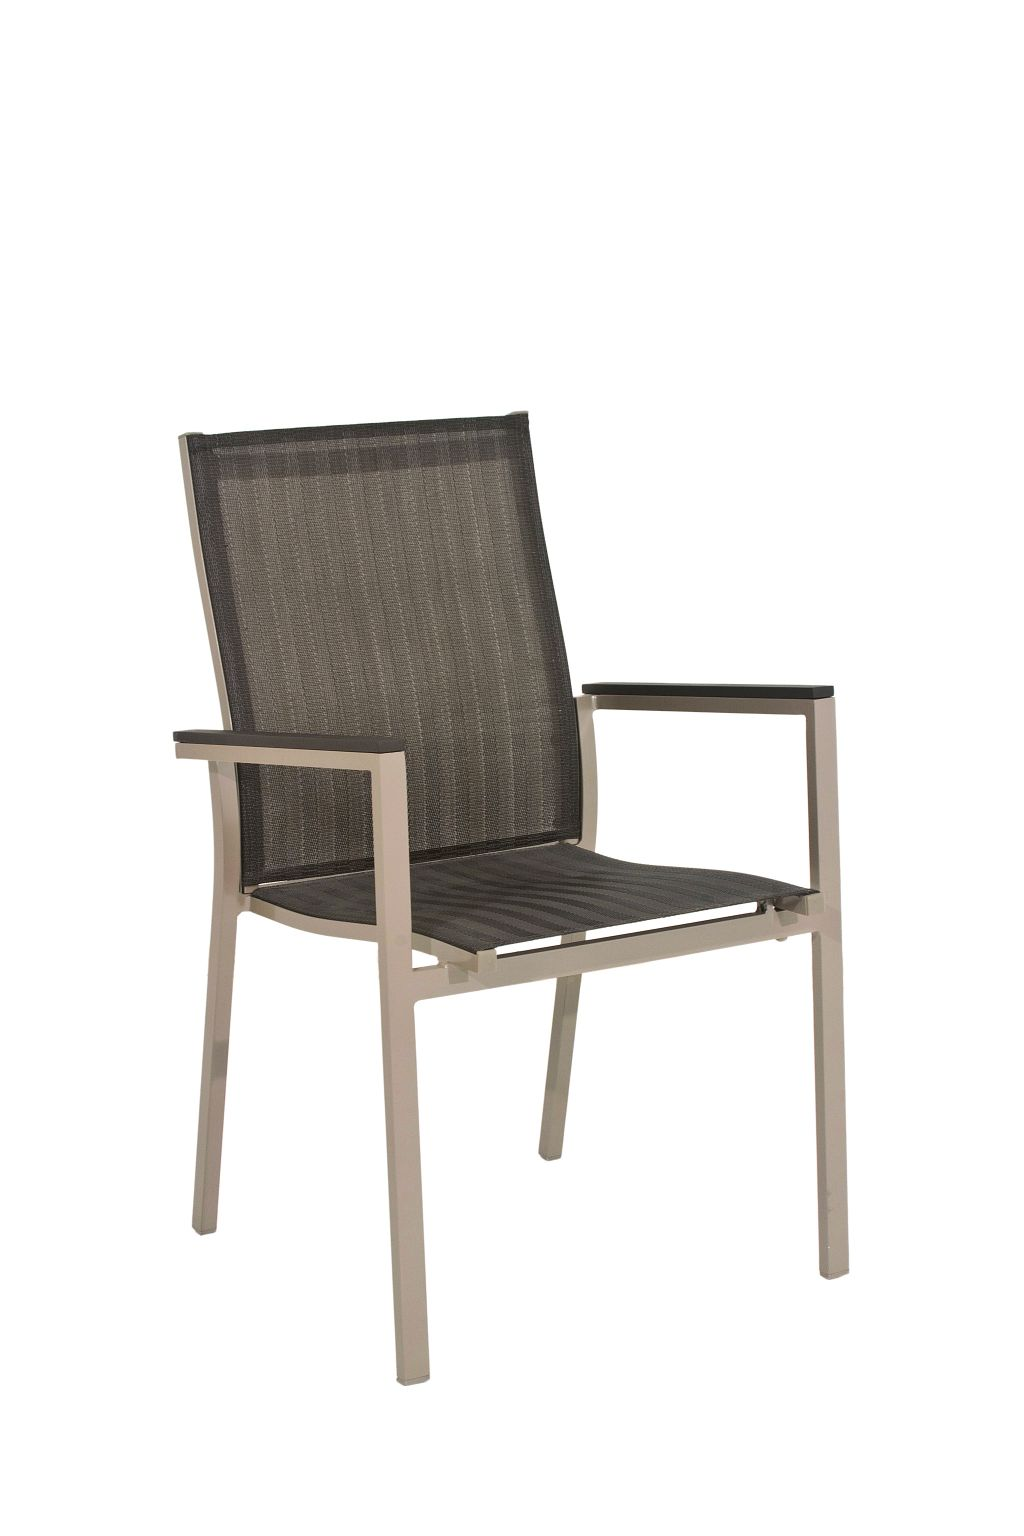 Gartenmobel alu braun interessante ideen - Stuhl aus paletten ...